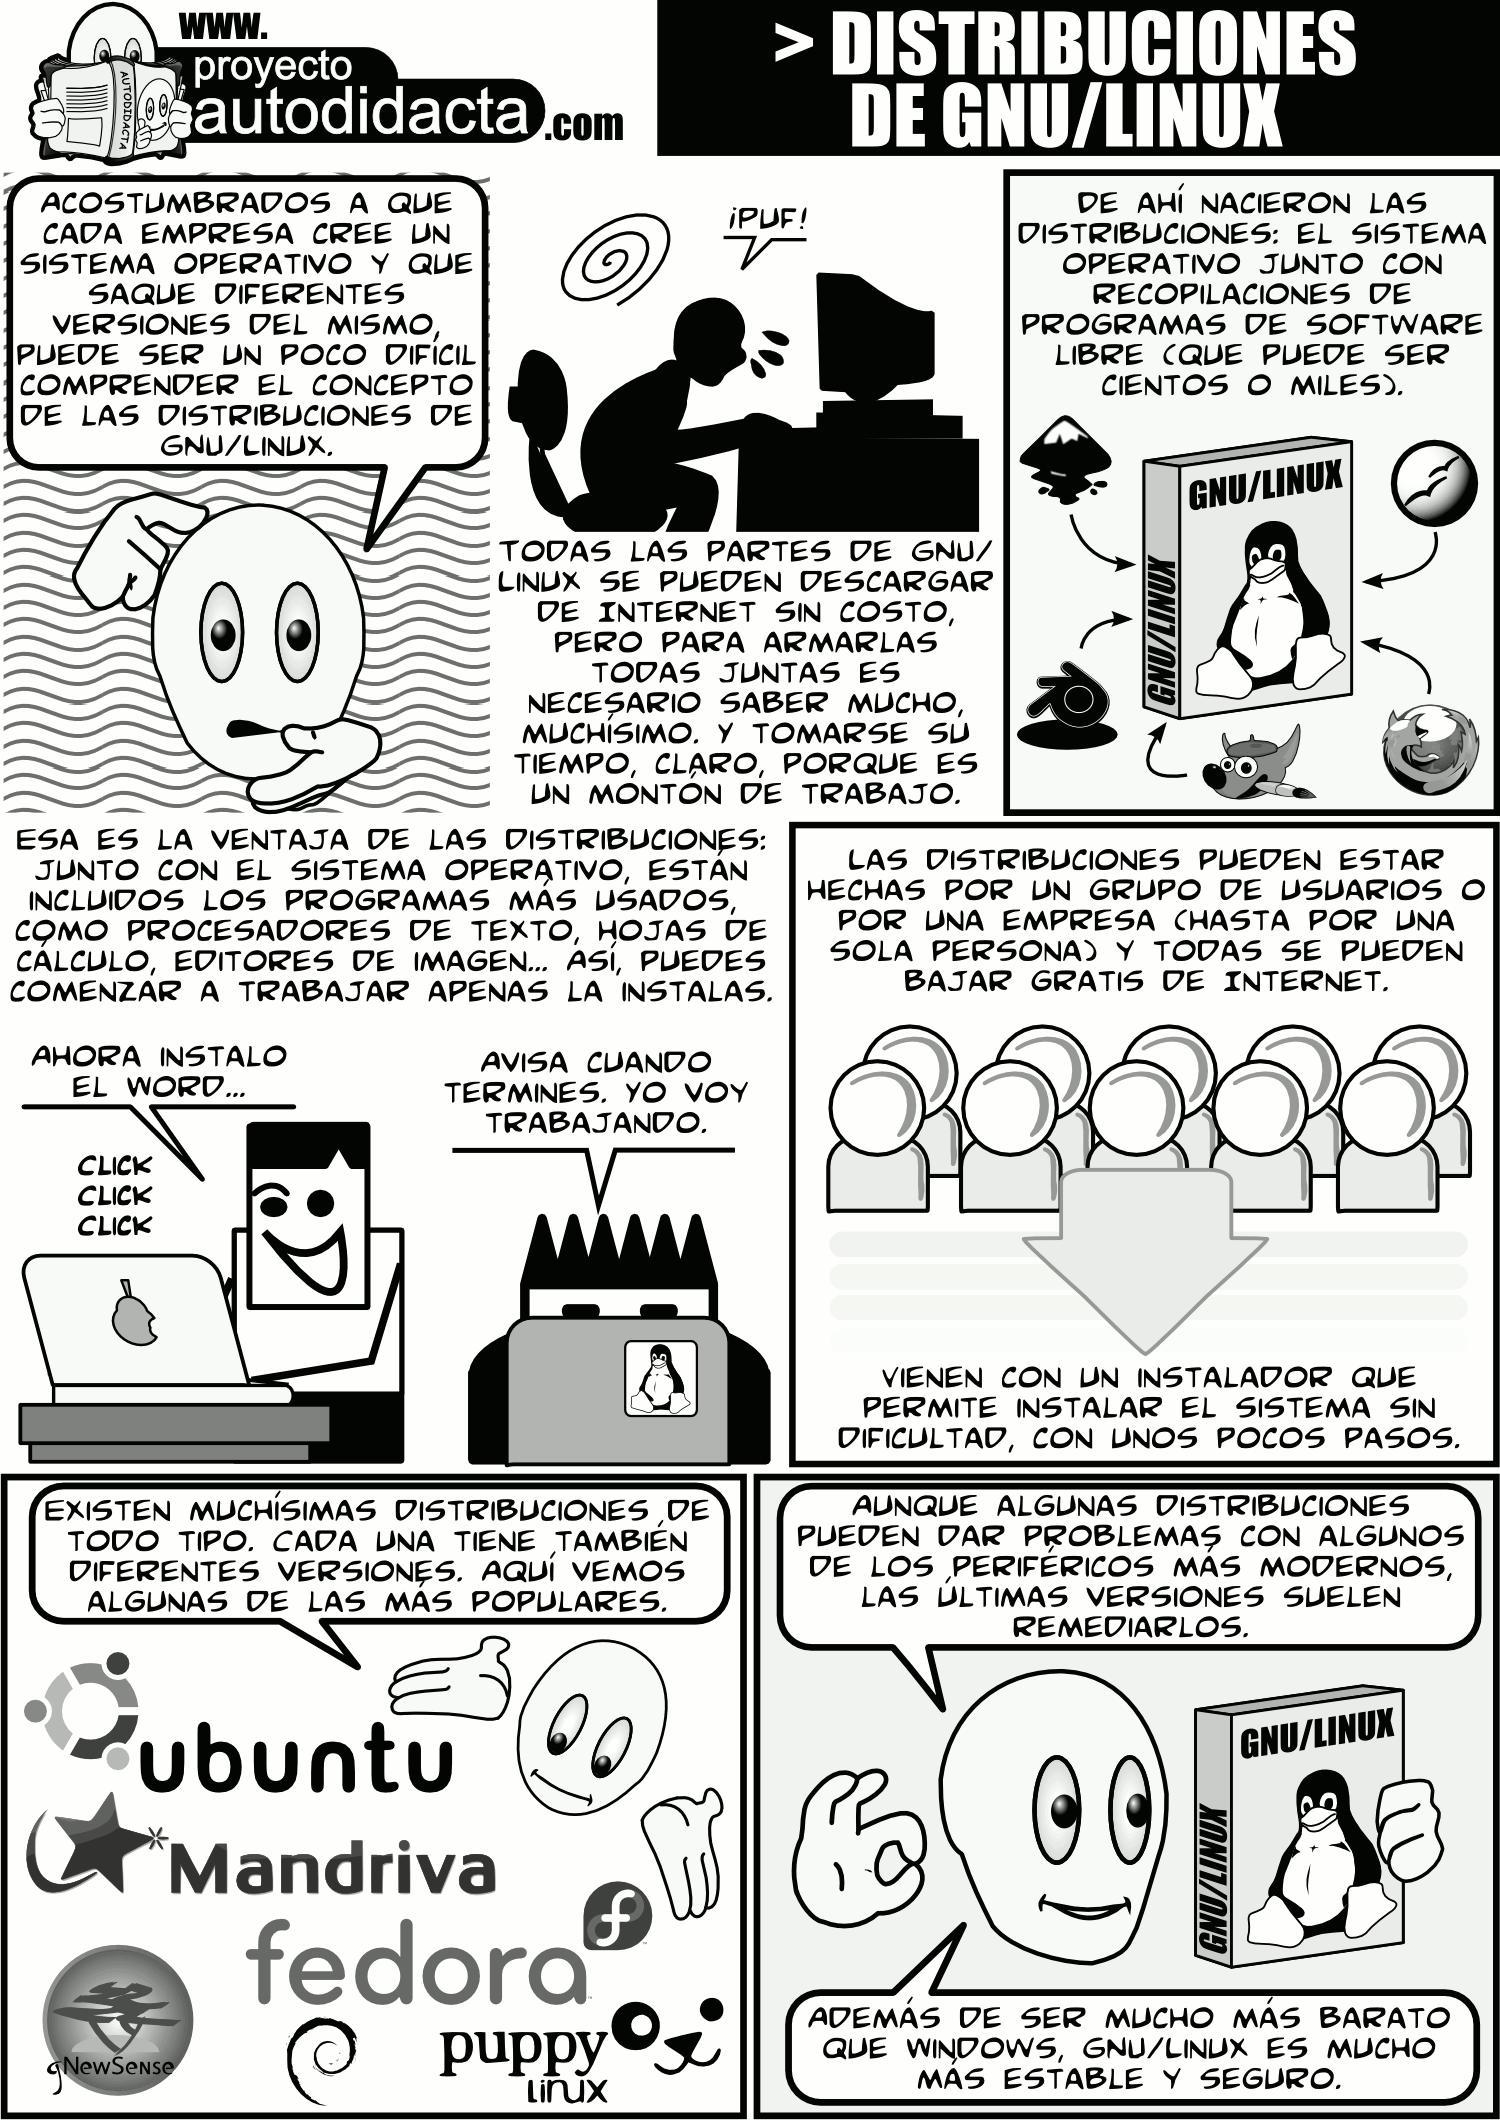 que-son-las-distribuciones-de-linux